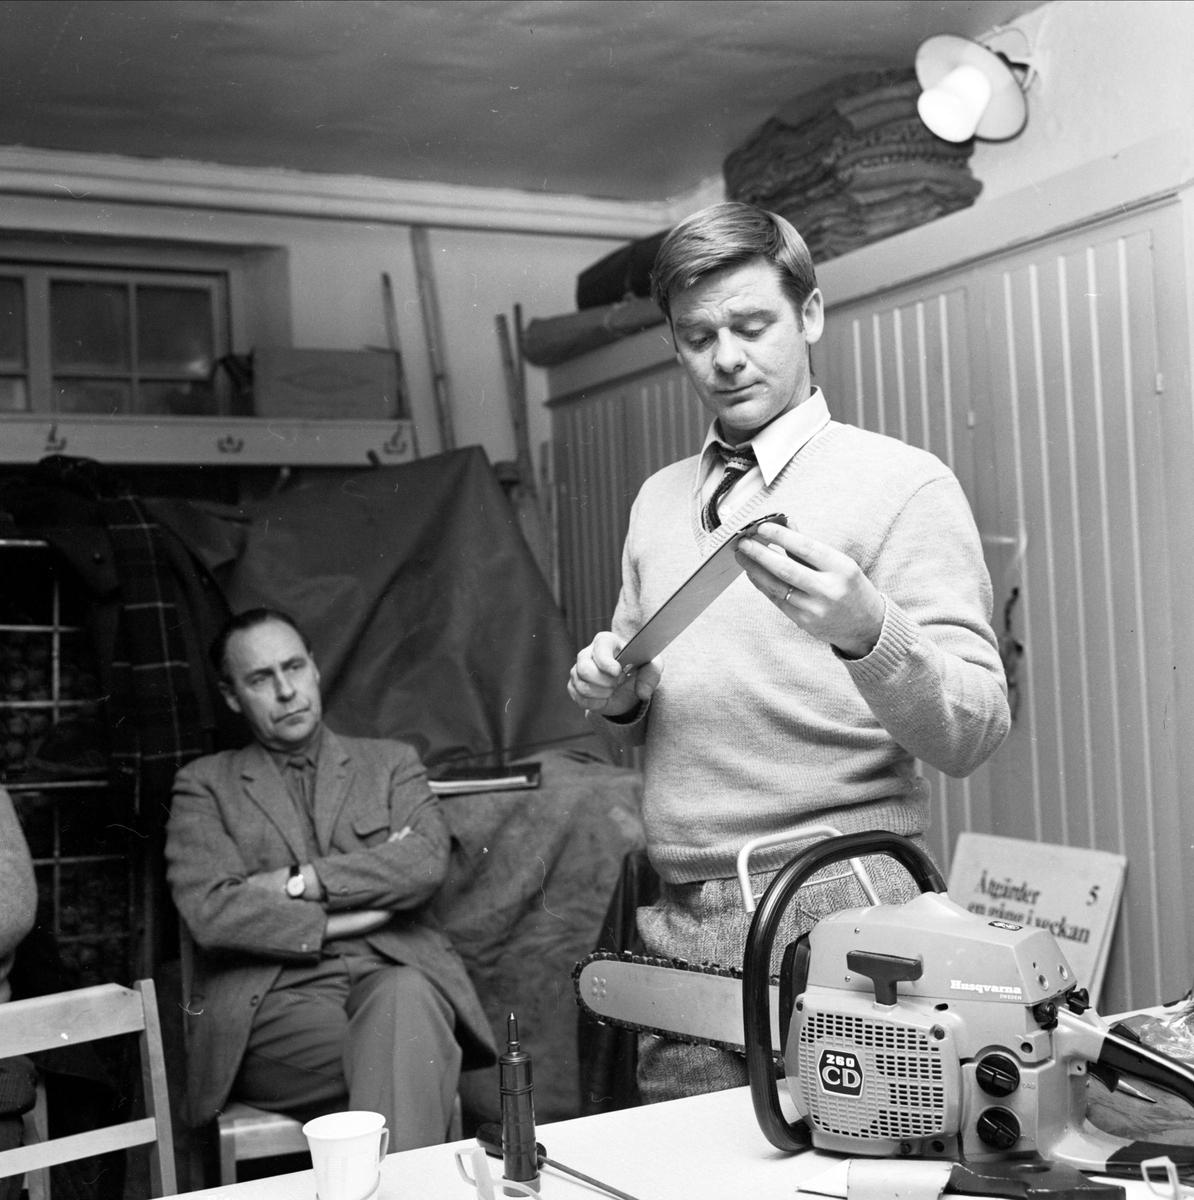 """""""Kornäs-arbetare i norra Uppland fick motorsågar"""" - undervisning om motorsågens skötsel, Strömsbergs bruk, Tolfta socken, Uppland december 1972"""